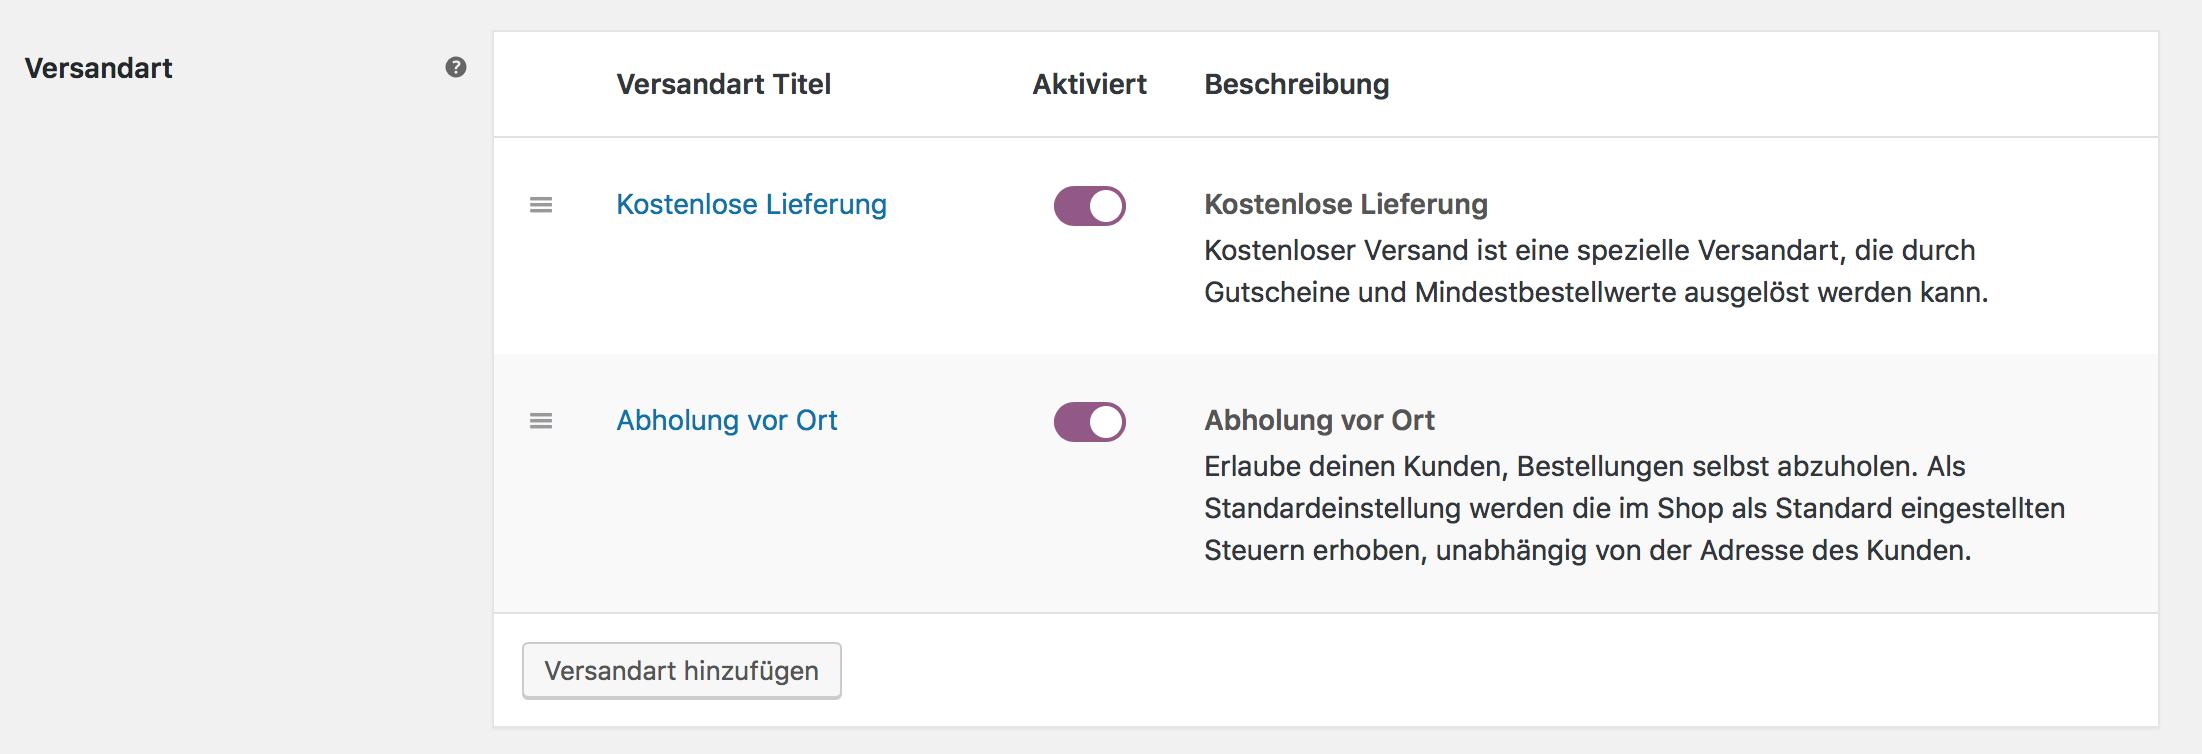 Festgelegte Versandarten für Versandzone Hamburg